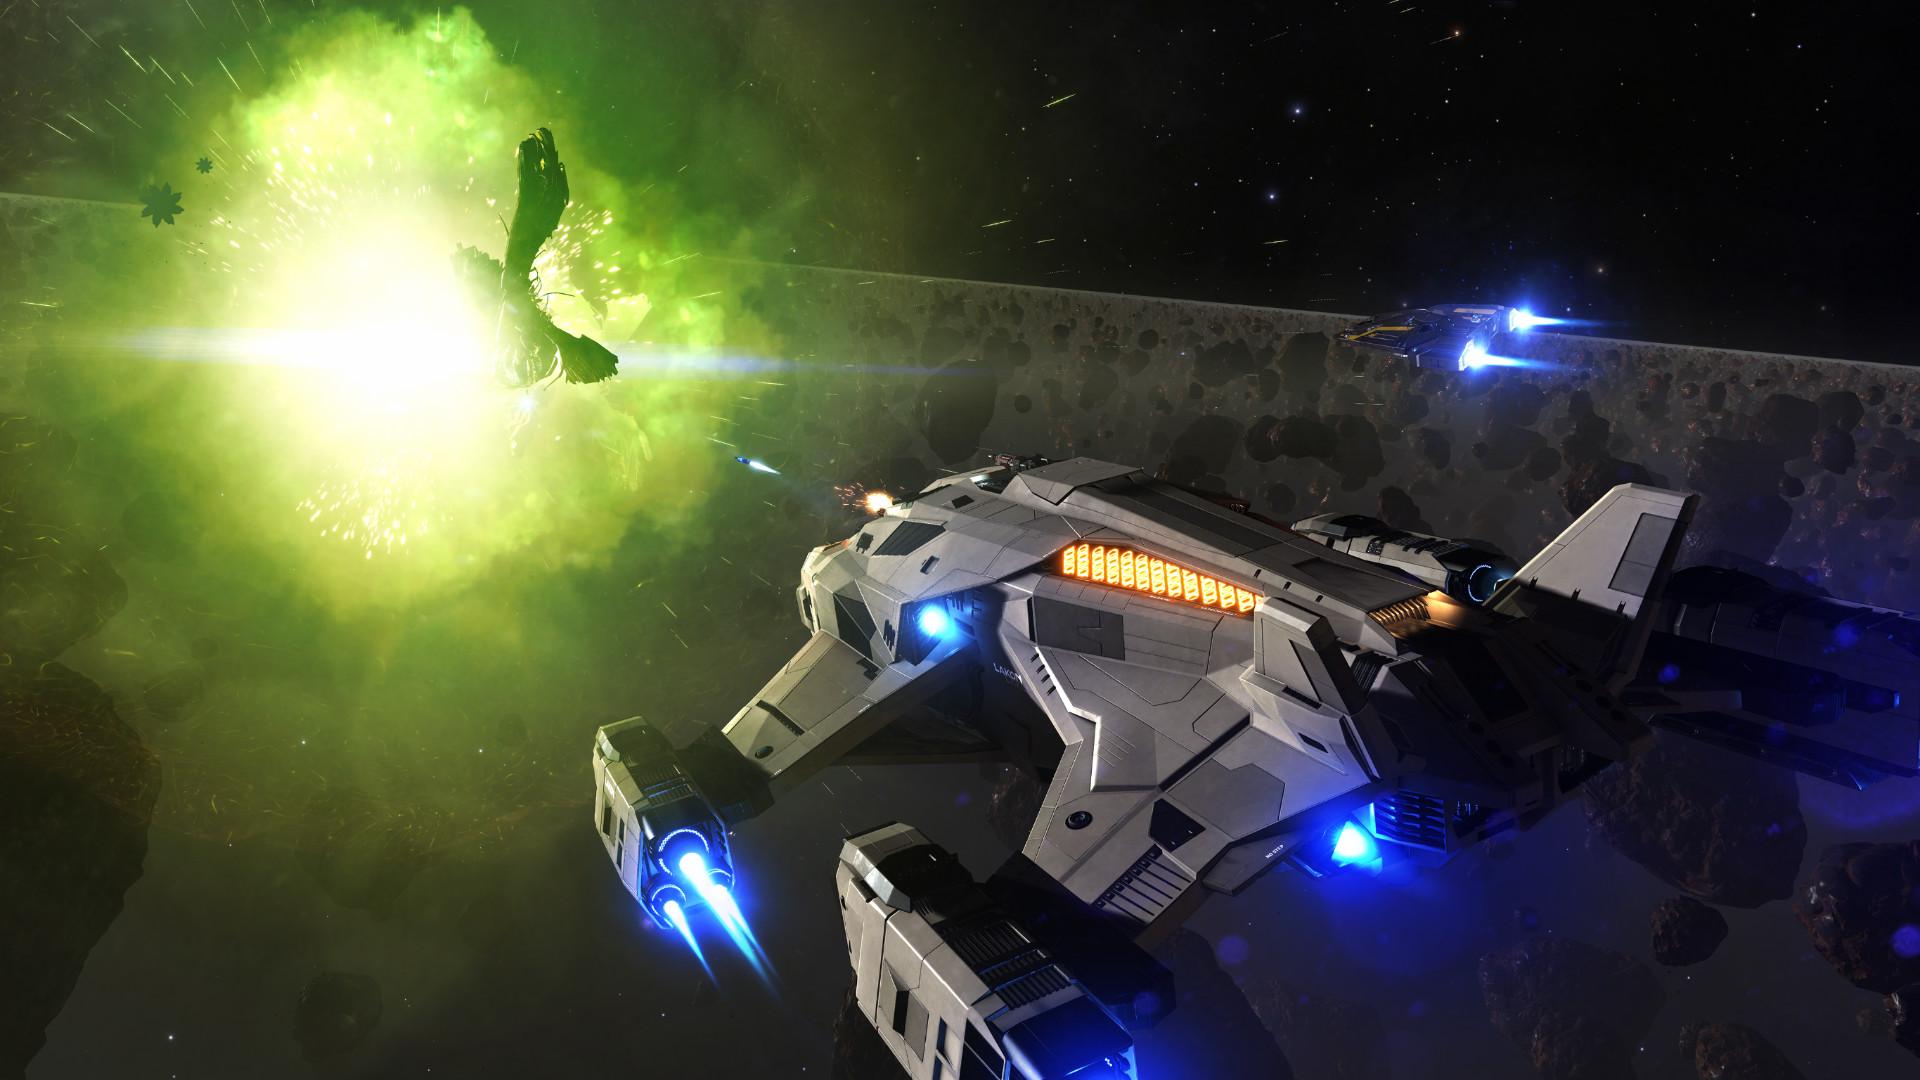 Elite Dangerous' to See Overhaul in 'Beyond' Update, Open